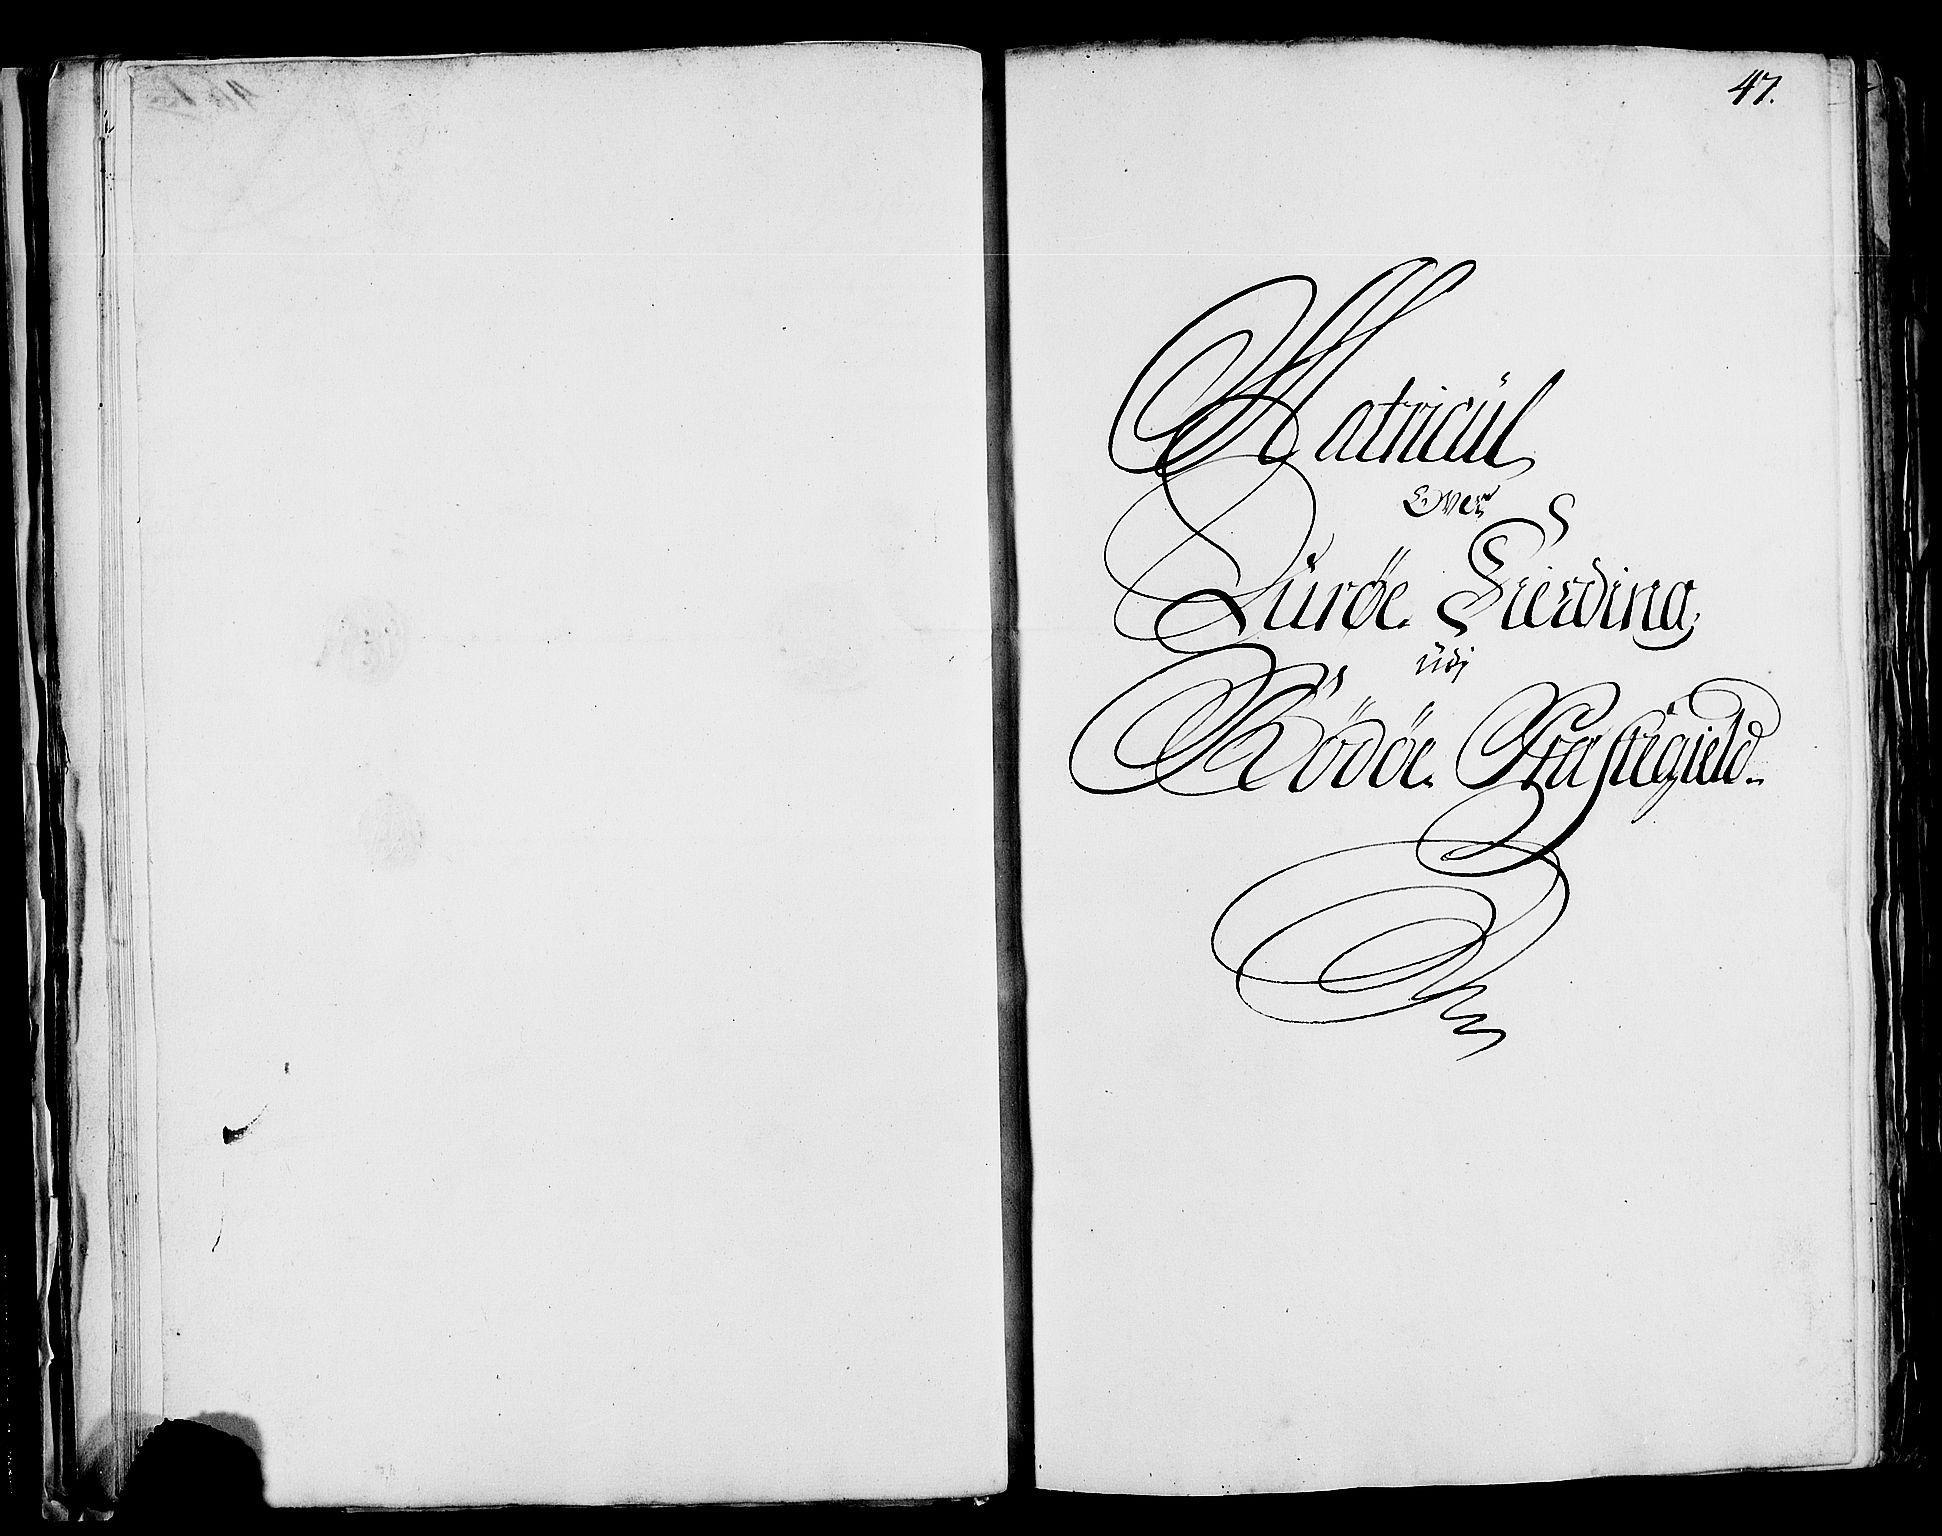 RA, Rentekammeret inntil 1814, Realistisk ordnet avdeling, N/Nb/Nbf/L0171: Helgeland matrikkelprotokoll, 1723, s. 46b-47a